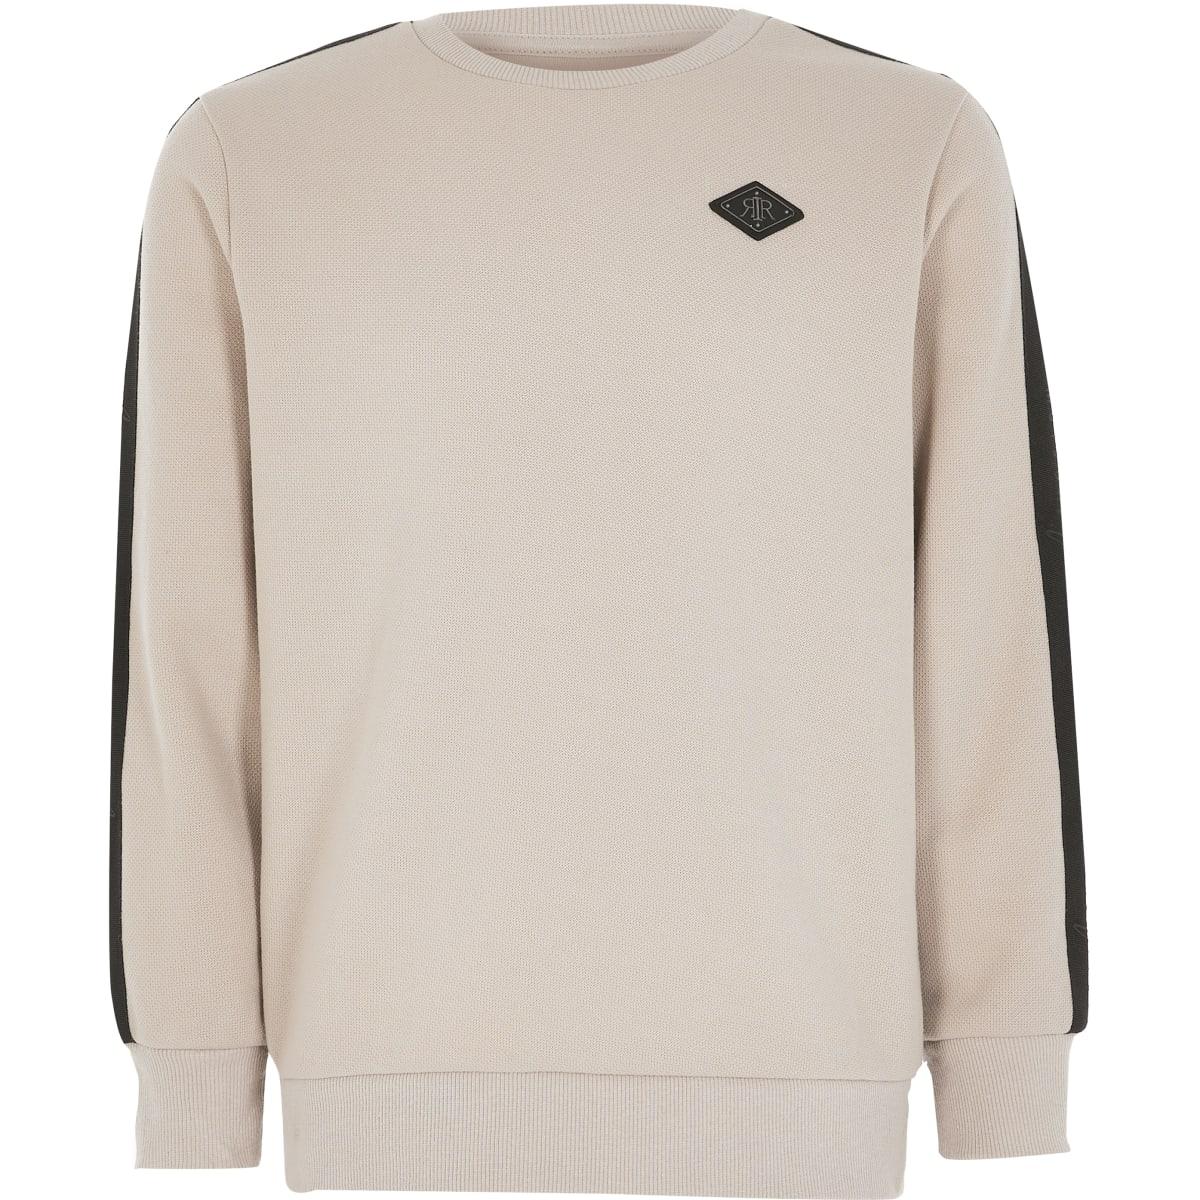 Kiezelkleurige sweater met piquébies voor jongens